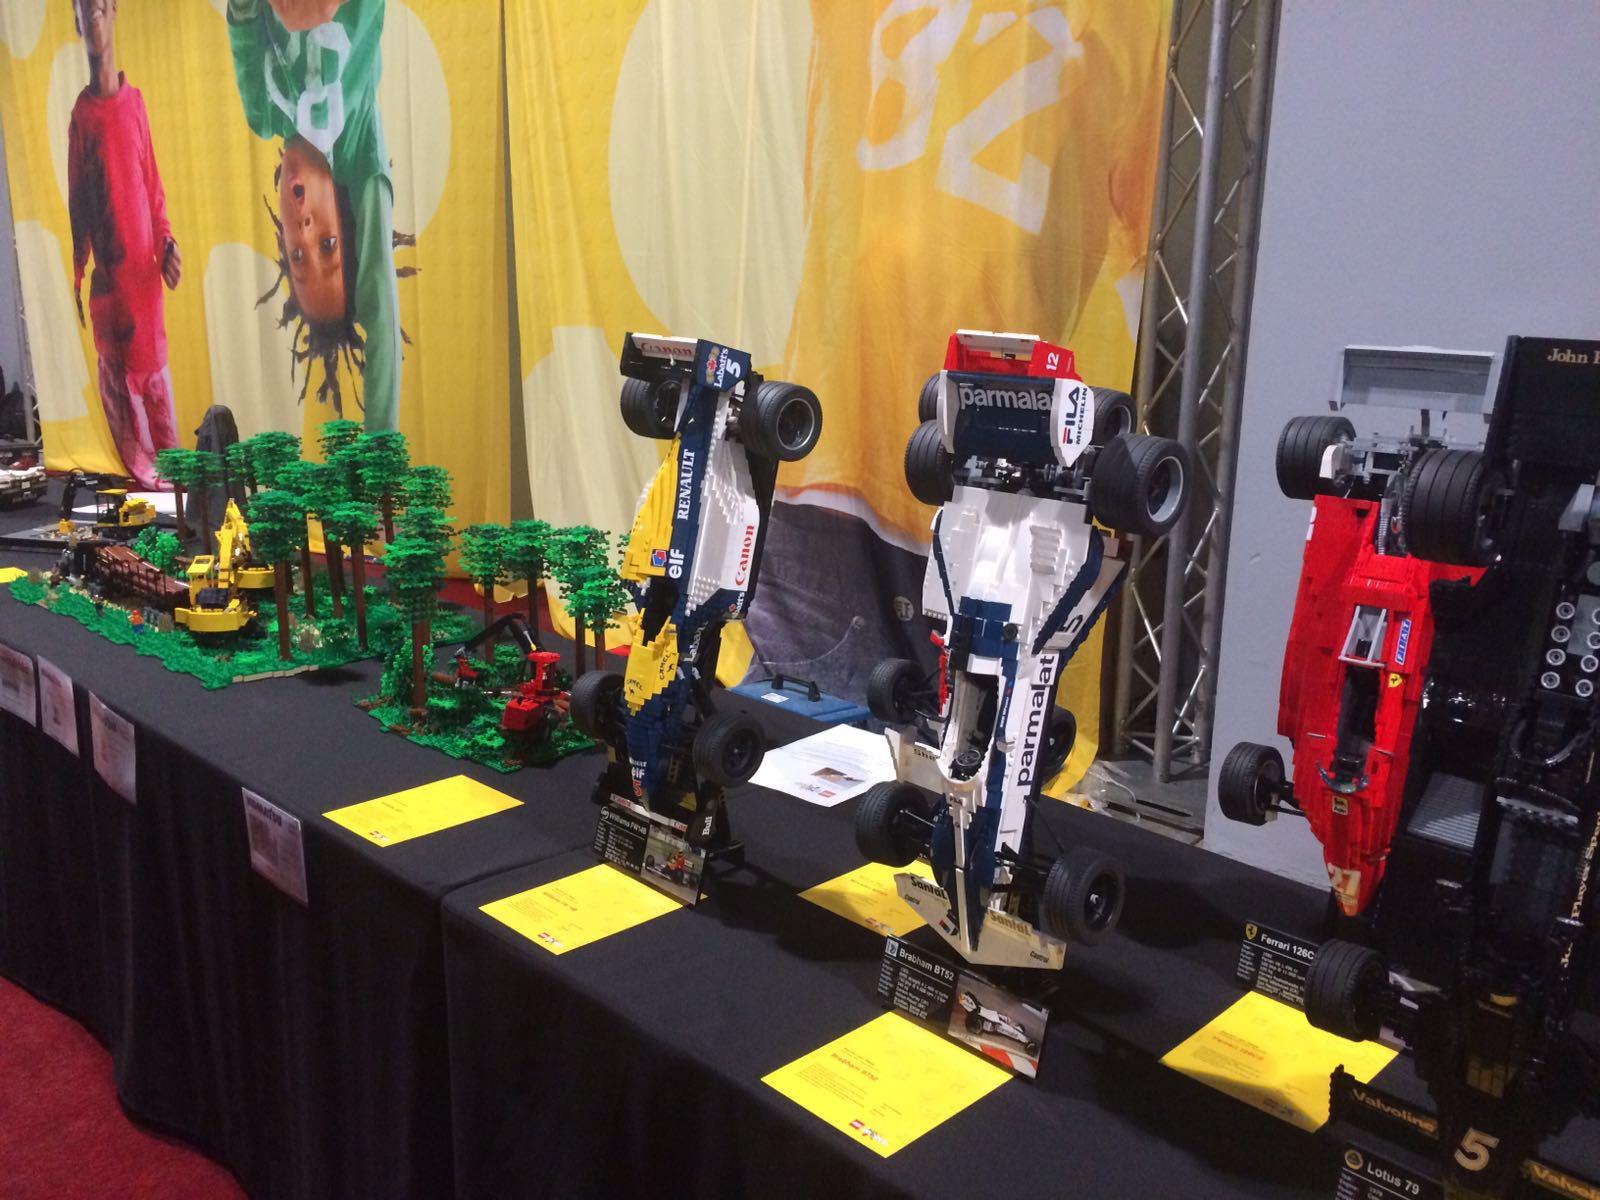 11-17-legoworld-legoland-lego-beurs-vaders-moeders-jongens-bouwen-evenement-vakantie-jaarbeurs-kinderen-activiteit-familie-nanny-moeder-amsterdam-auto